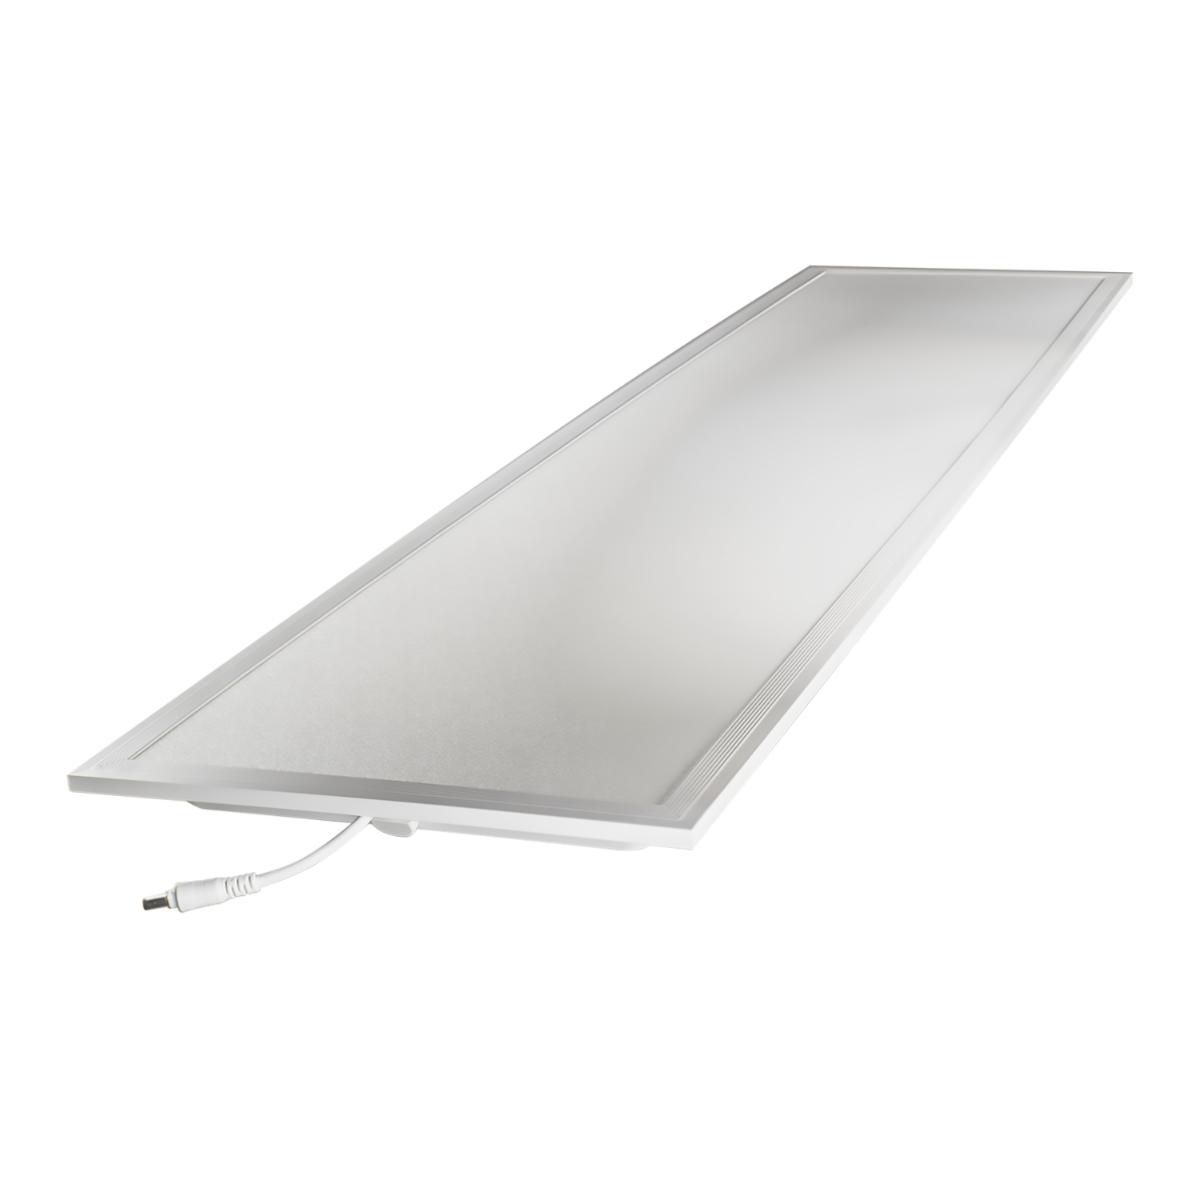 Noxion LED panel Econox 32W 30x120cm 3000K 3900lm UGR <22 | varm hvid - erstatter 2x36W